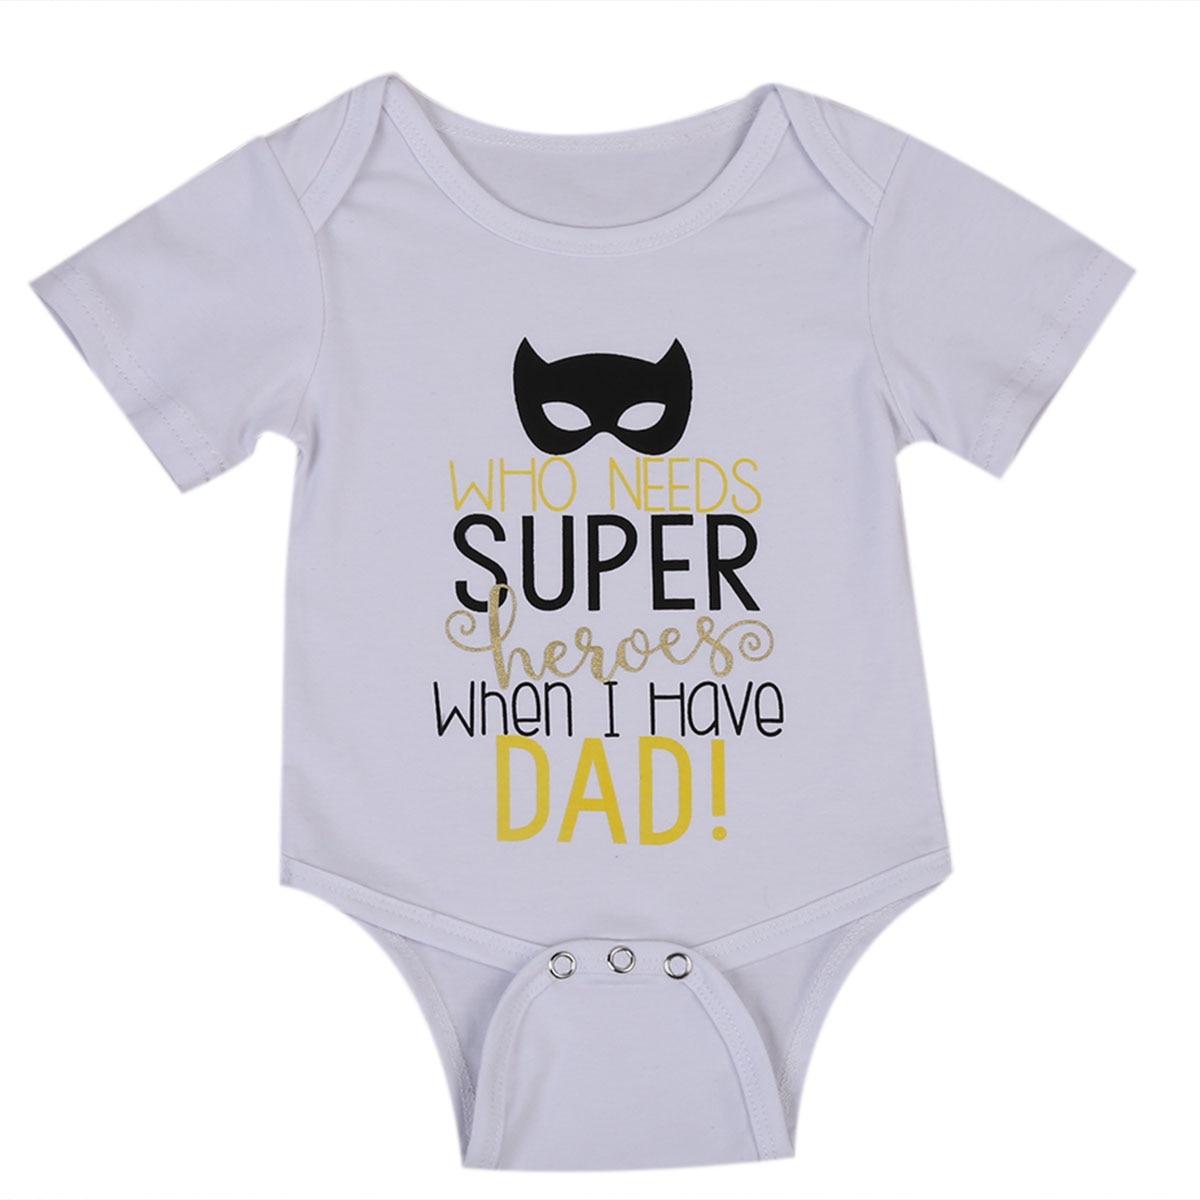 2017 Batman Heroes Newborn Kids Baby Boy Girl Letters Bodysuit Clothes Babies Cute Cotton Sunsuit Outfits 0-24M